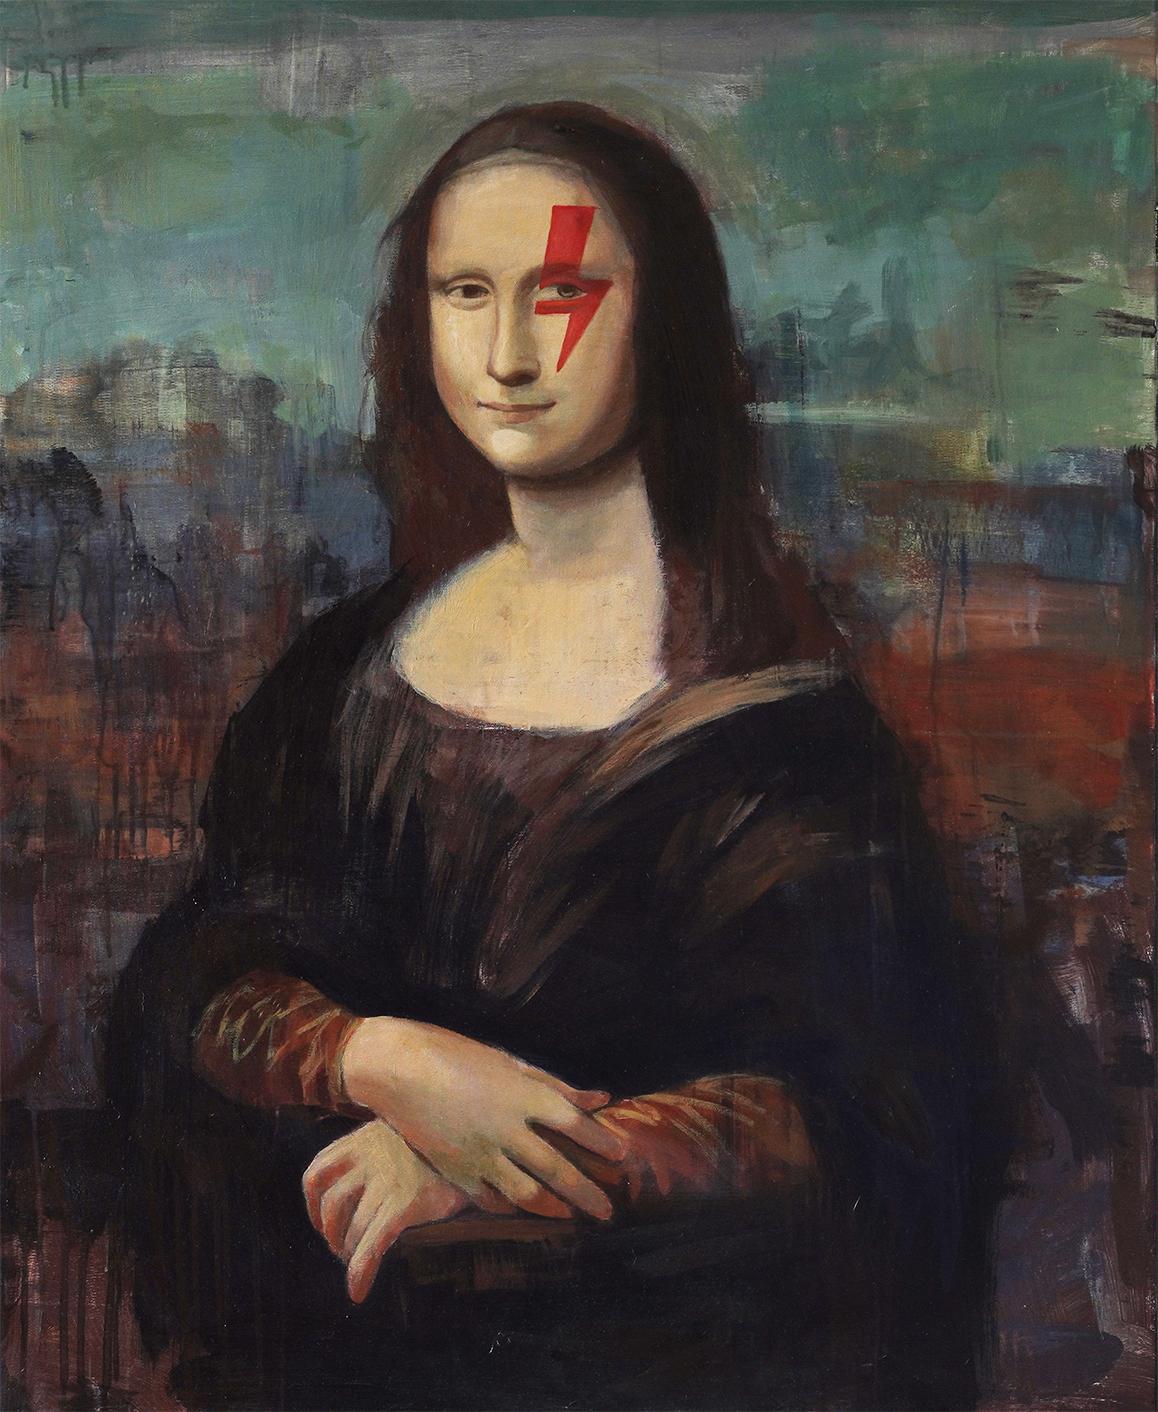 Monia, 2020